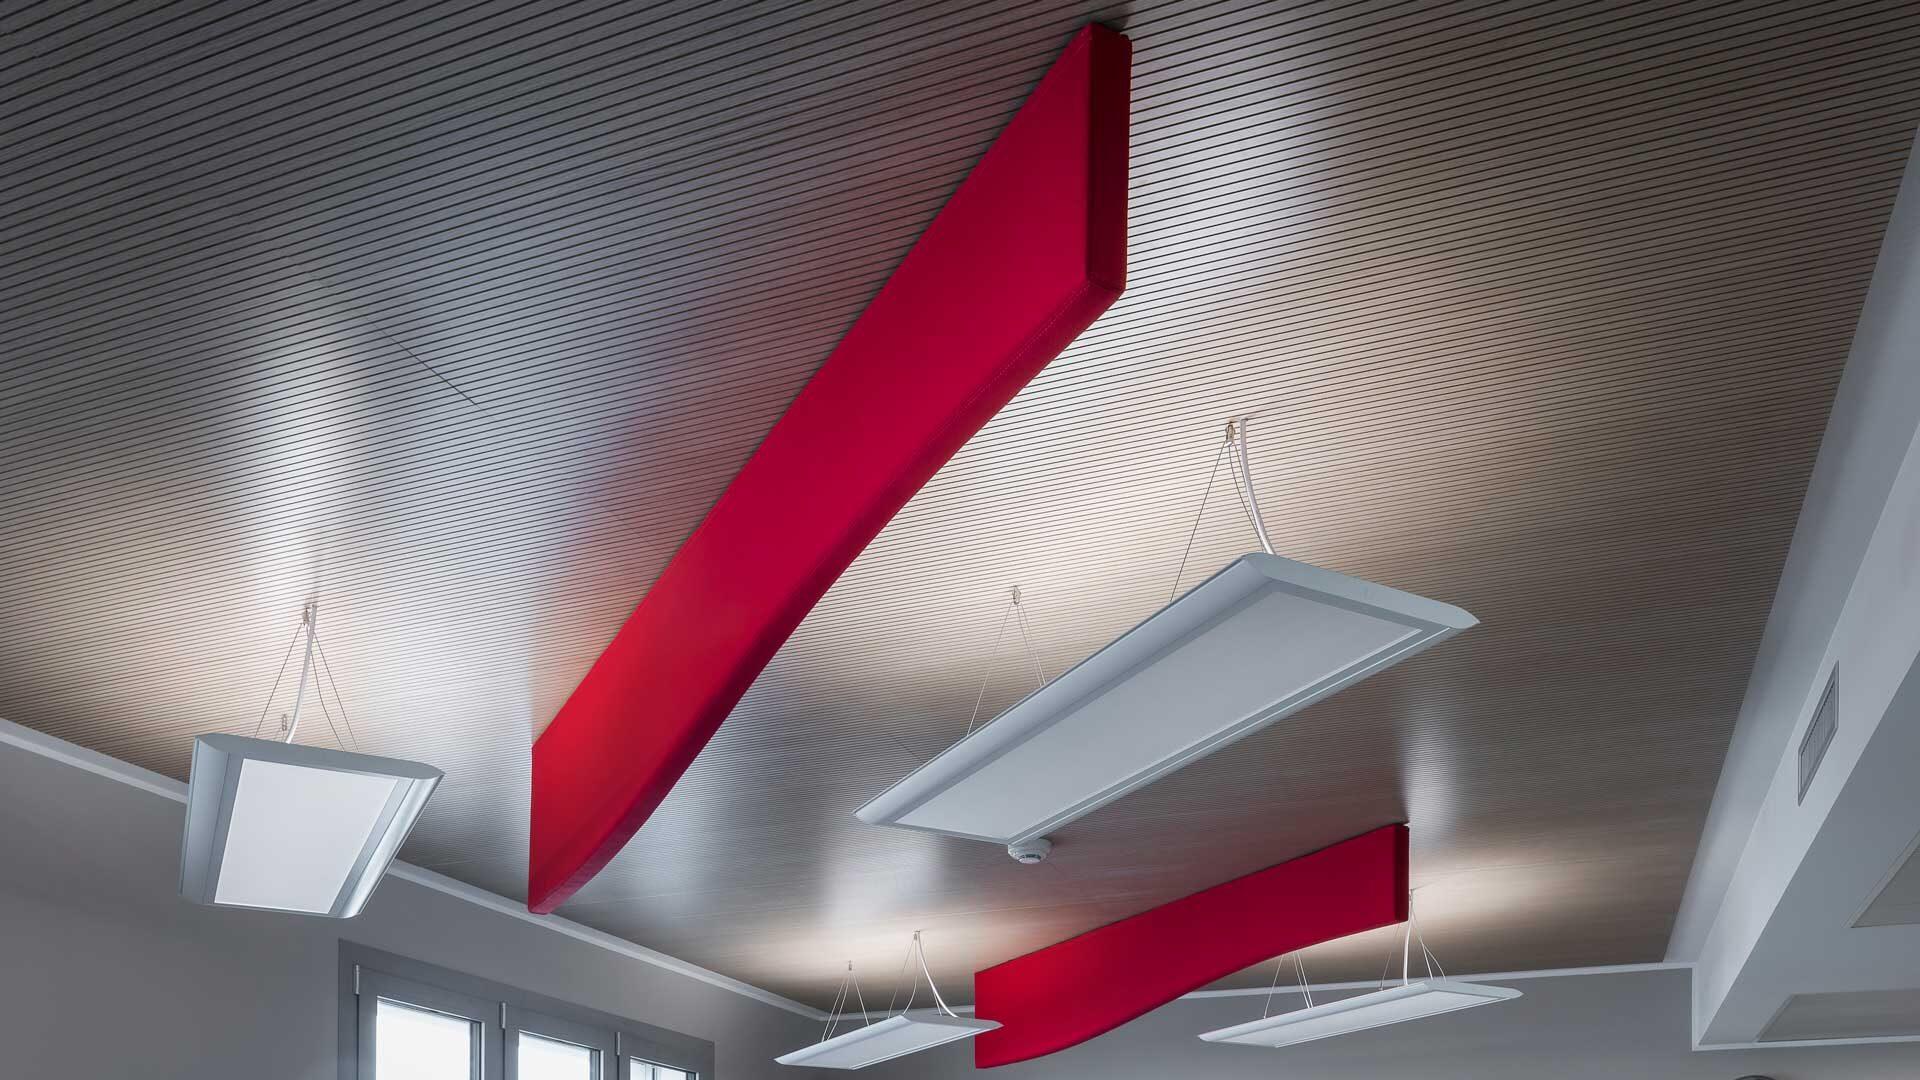 Materiali-per-l'ufficio-Feltro-controsoffitti-baffles-Level-Office-Landscape